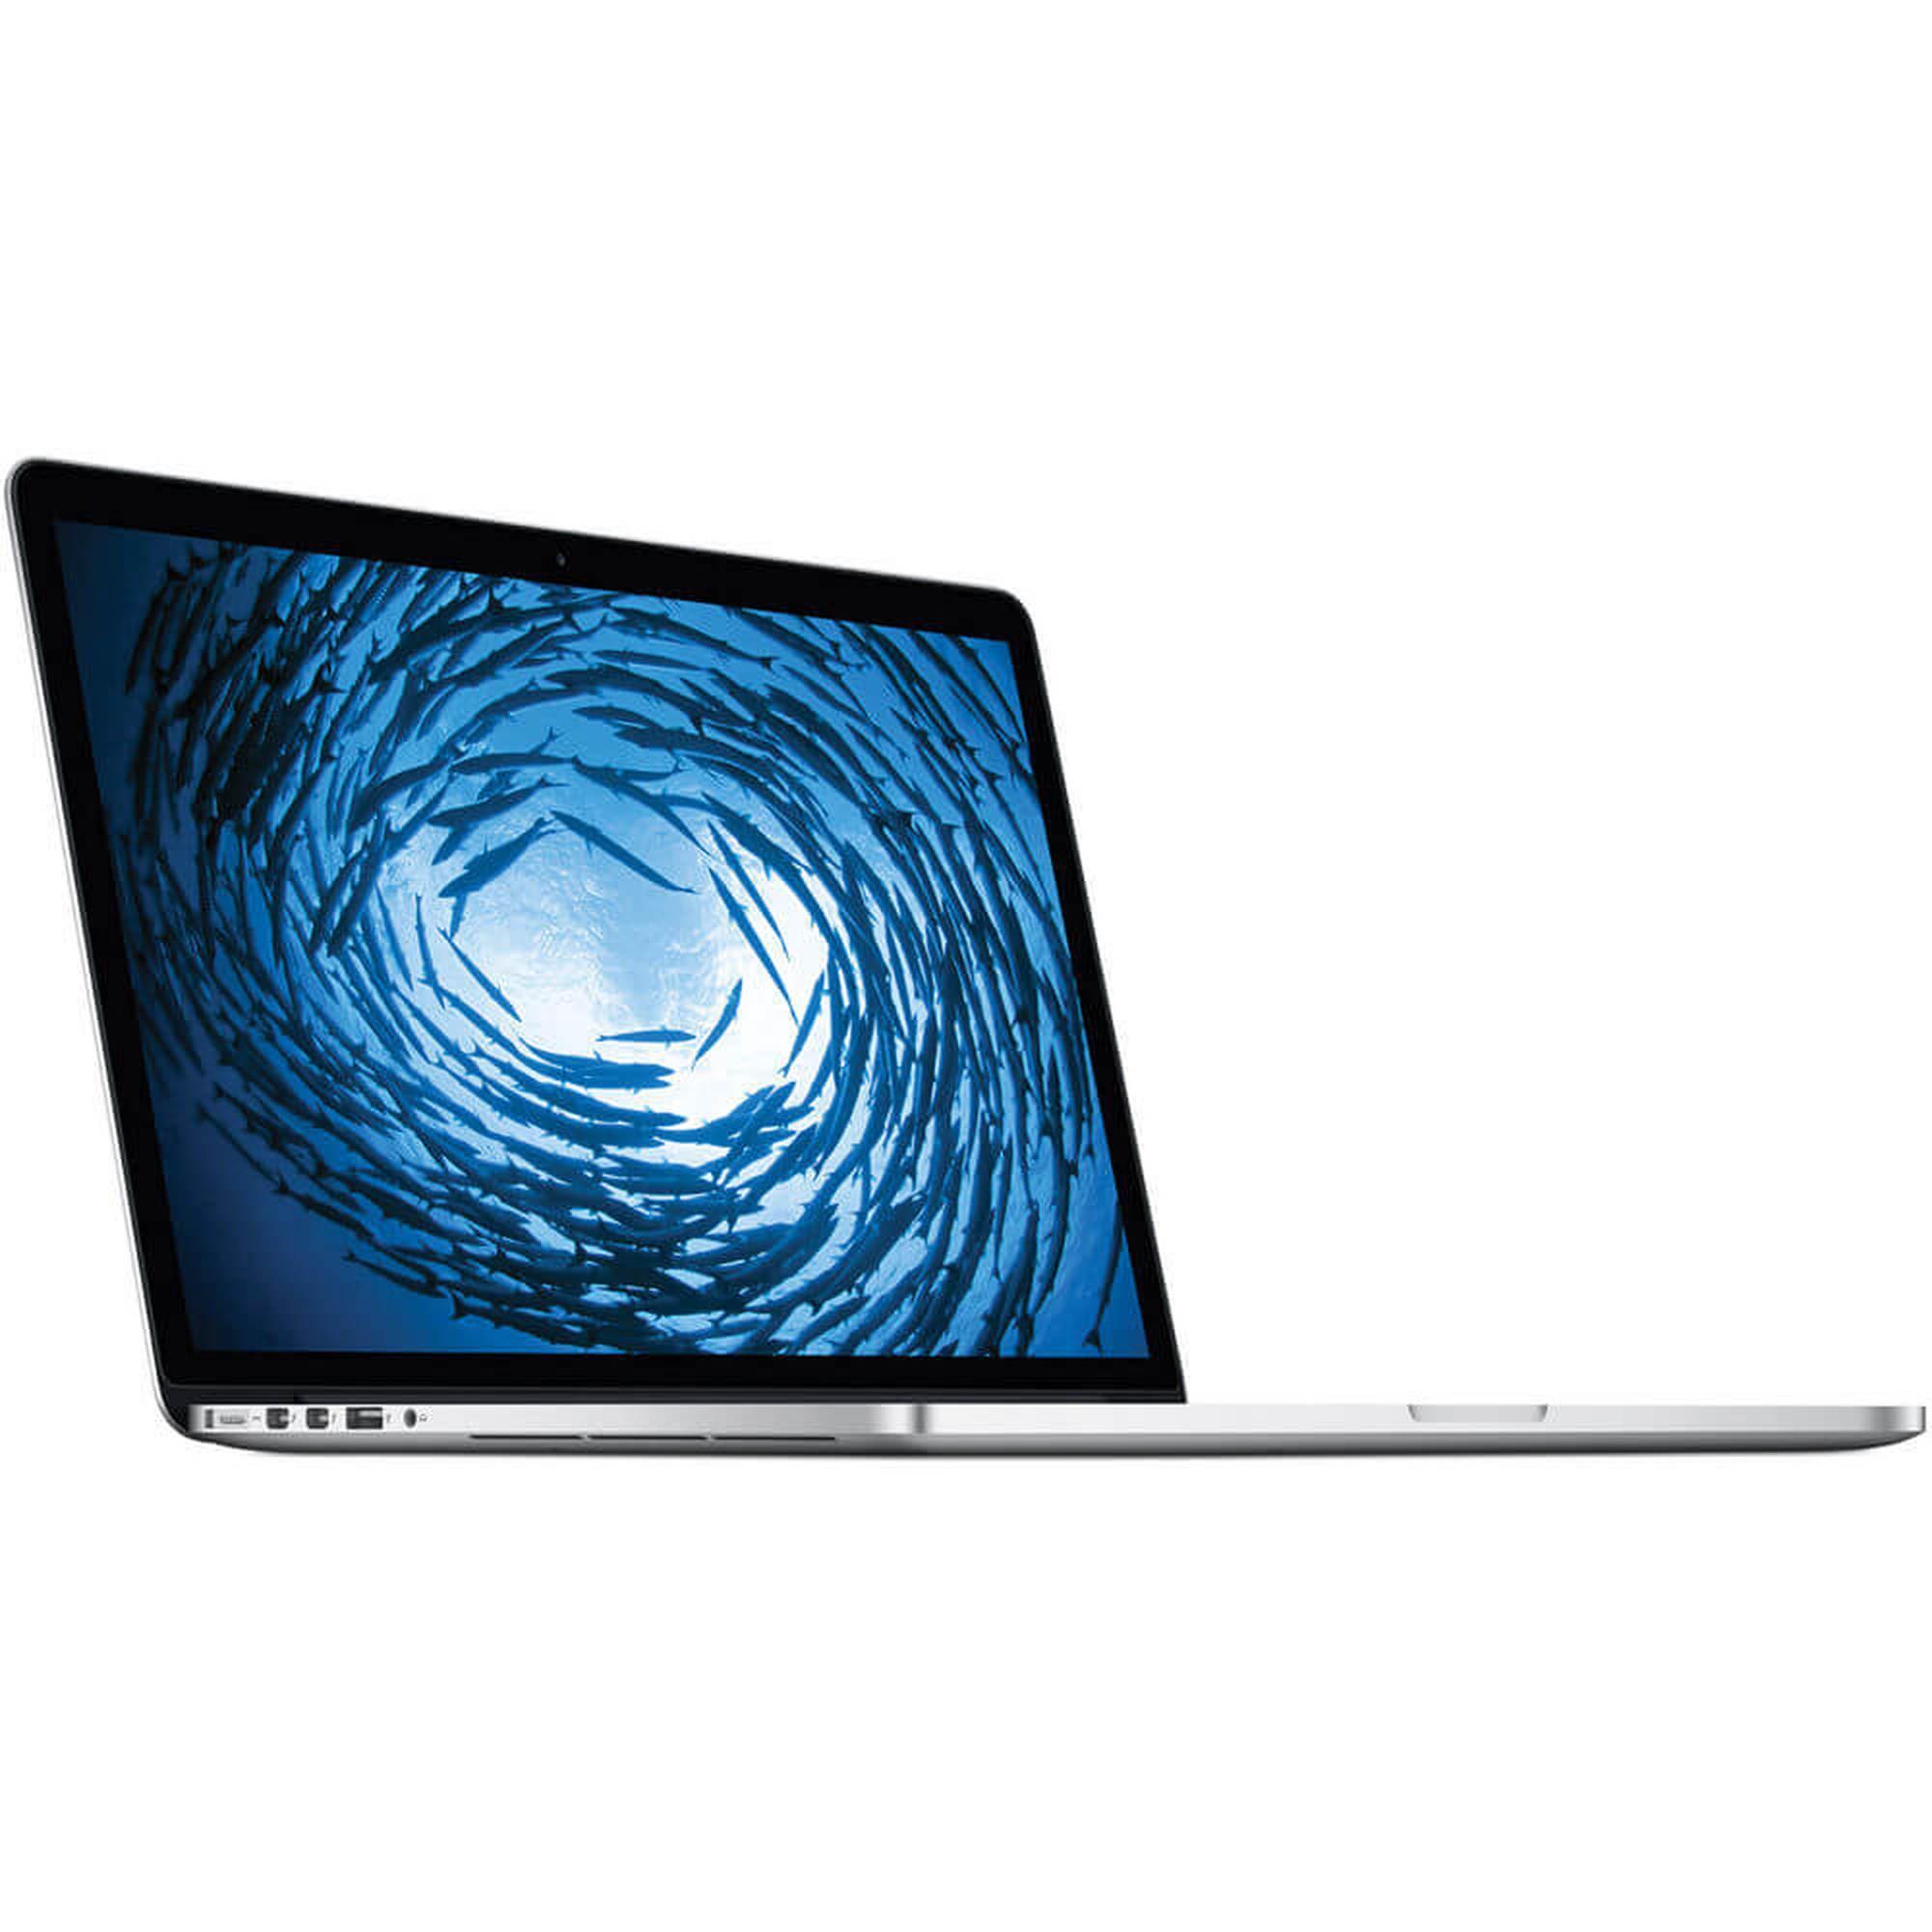 MacBook Pro Retina 15,4-tum (2015) - Core i7 - 16GB - SSD 256 GB QWERTY - Engelska (USA)